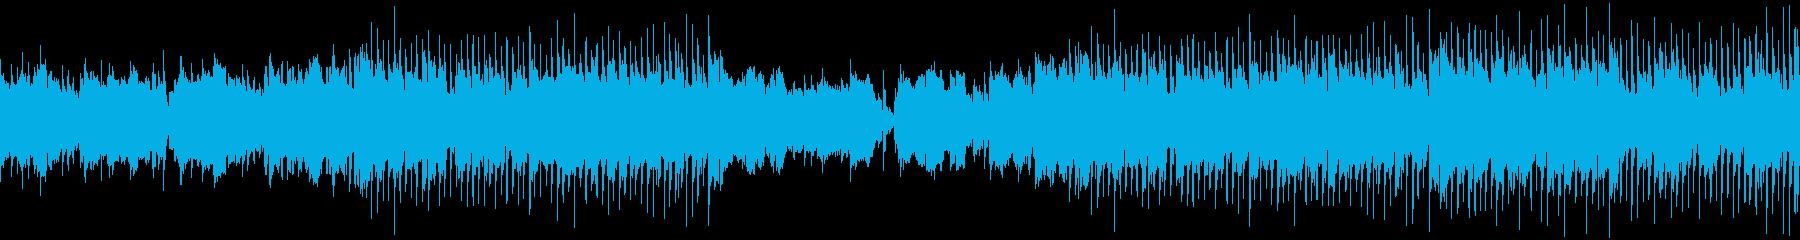 ドキュメンタリー・映像・優しい・ジプシーの再生済みの波形